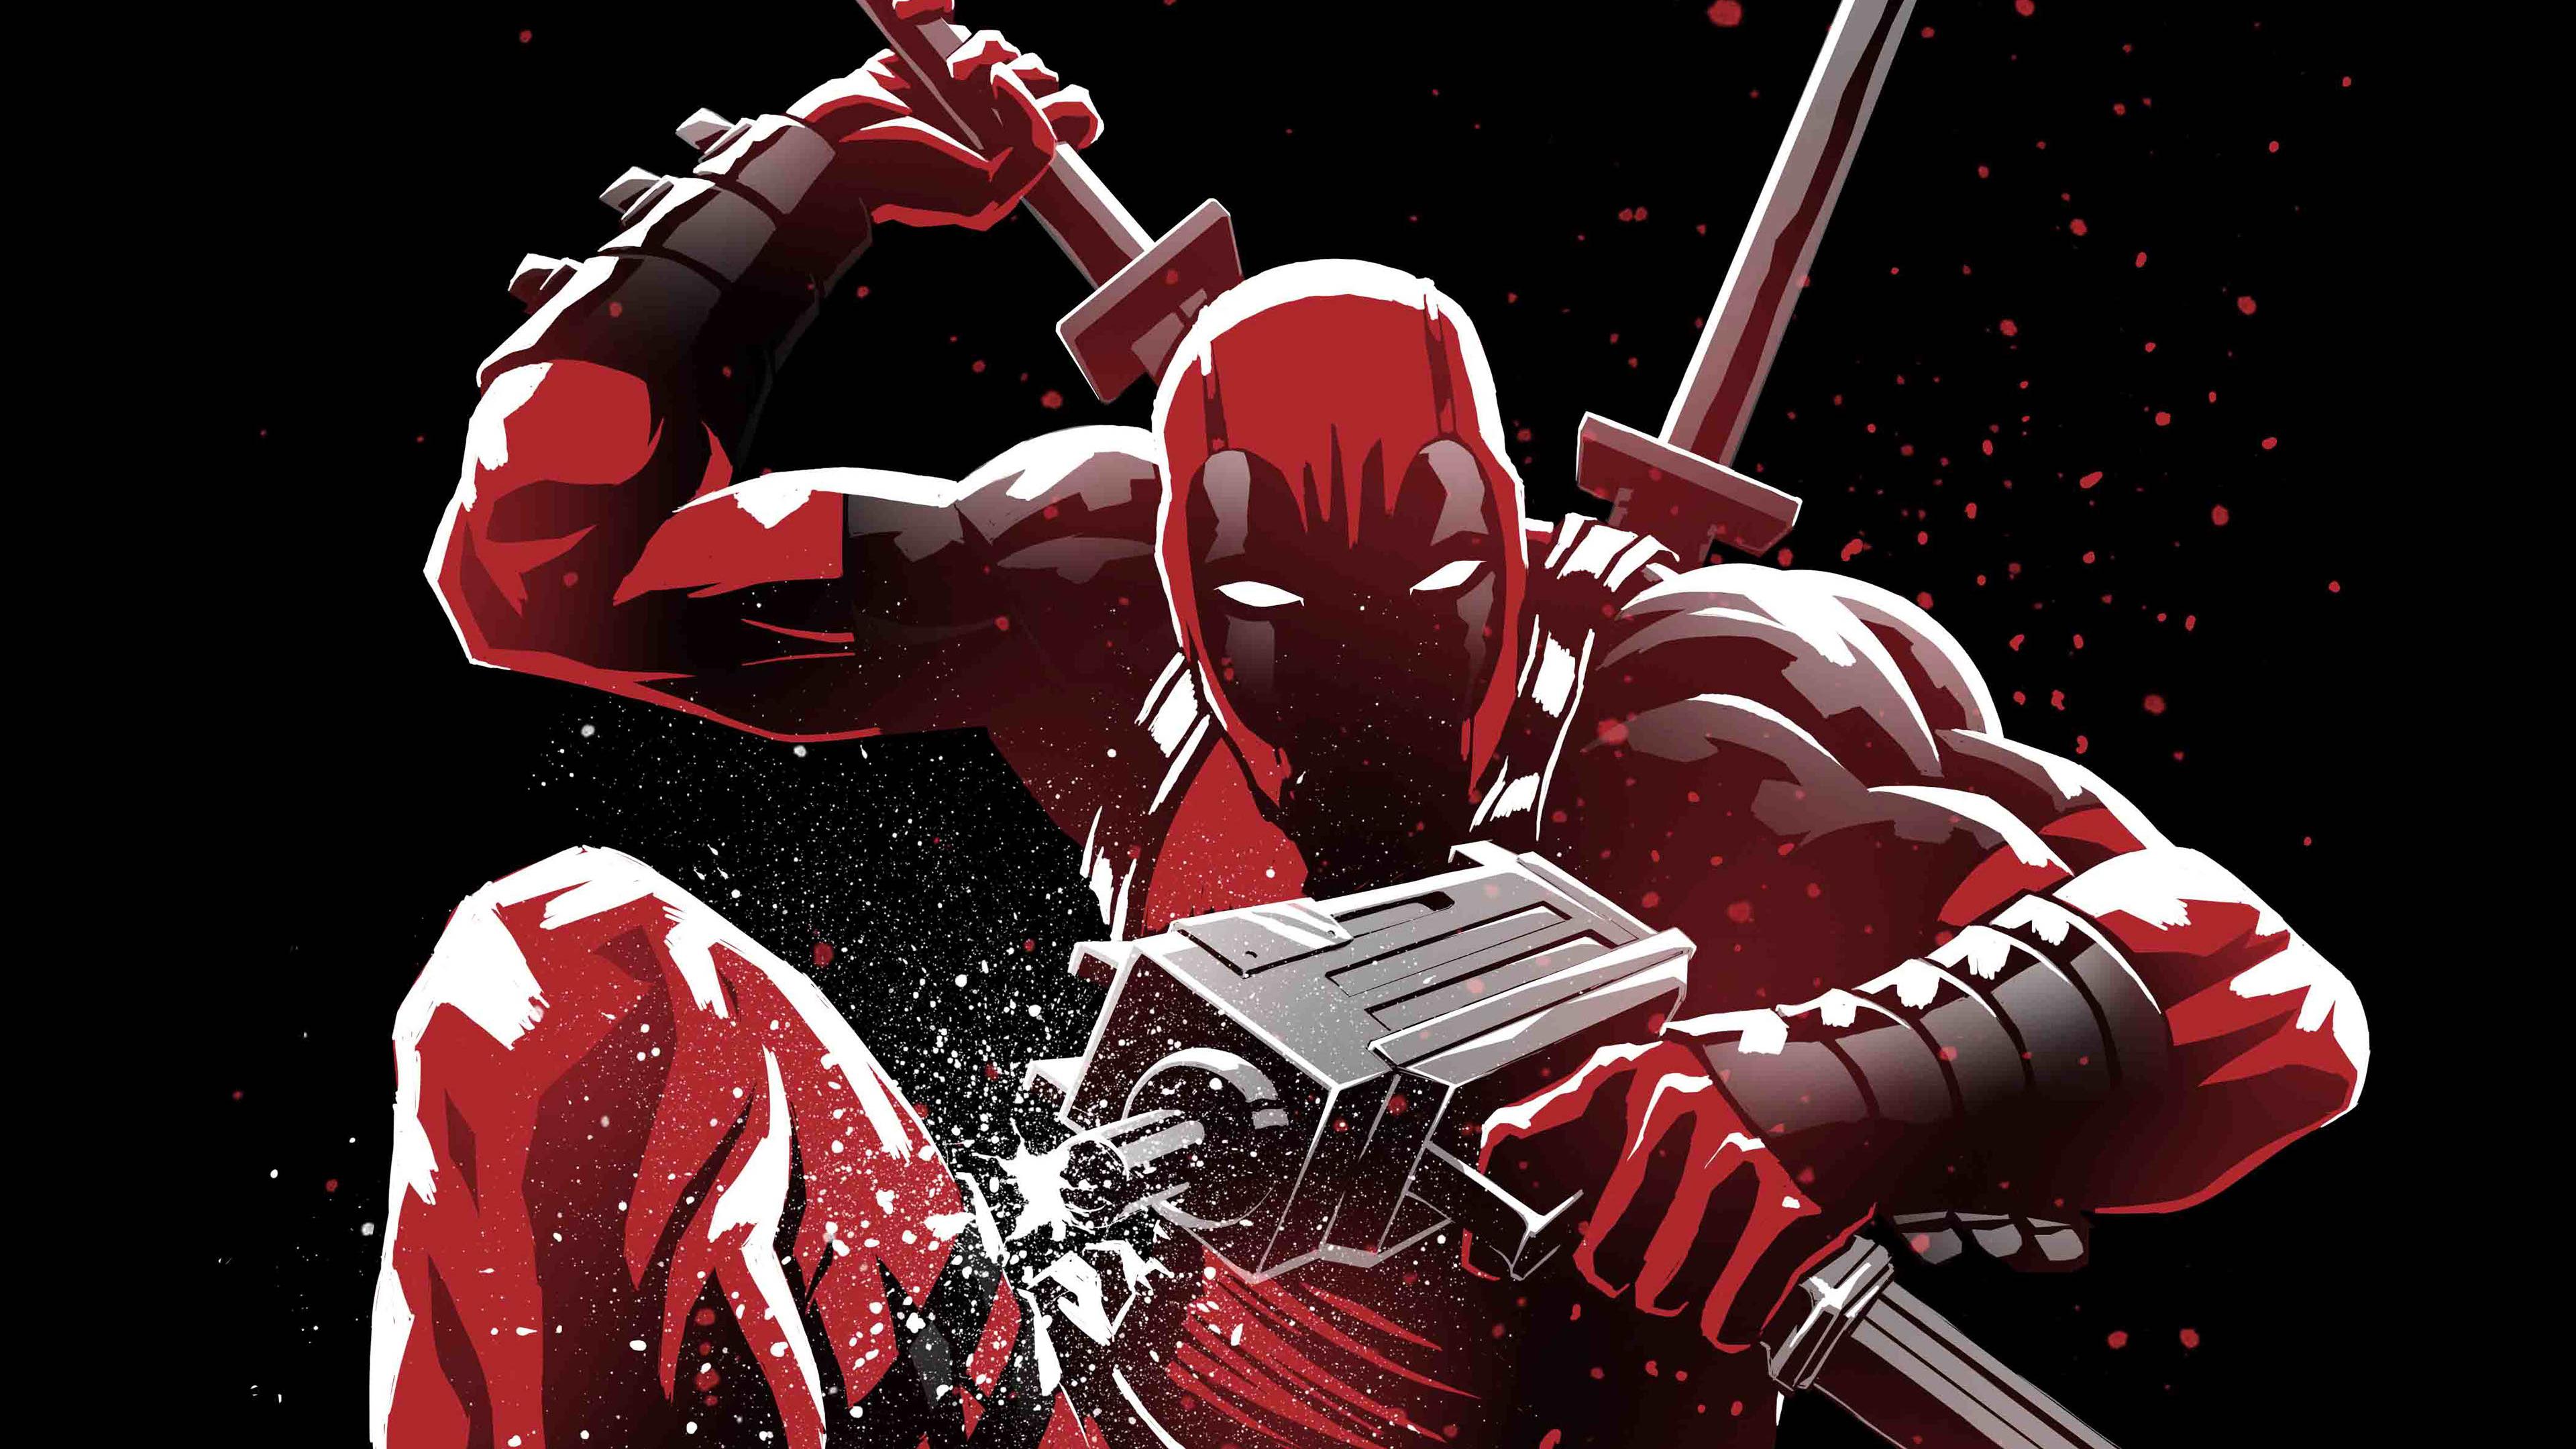 4k Deadpool, HD Superheroes, 4k Wallpapers, Images ...